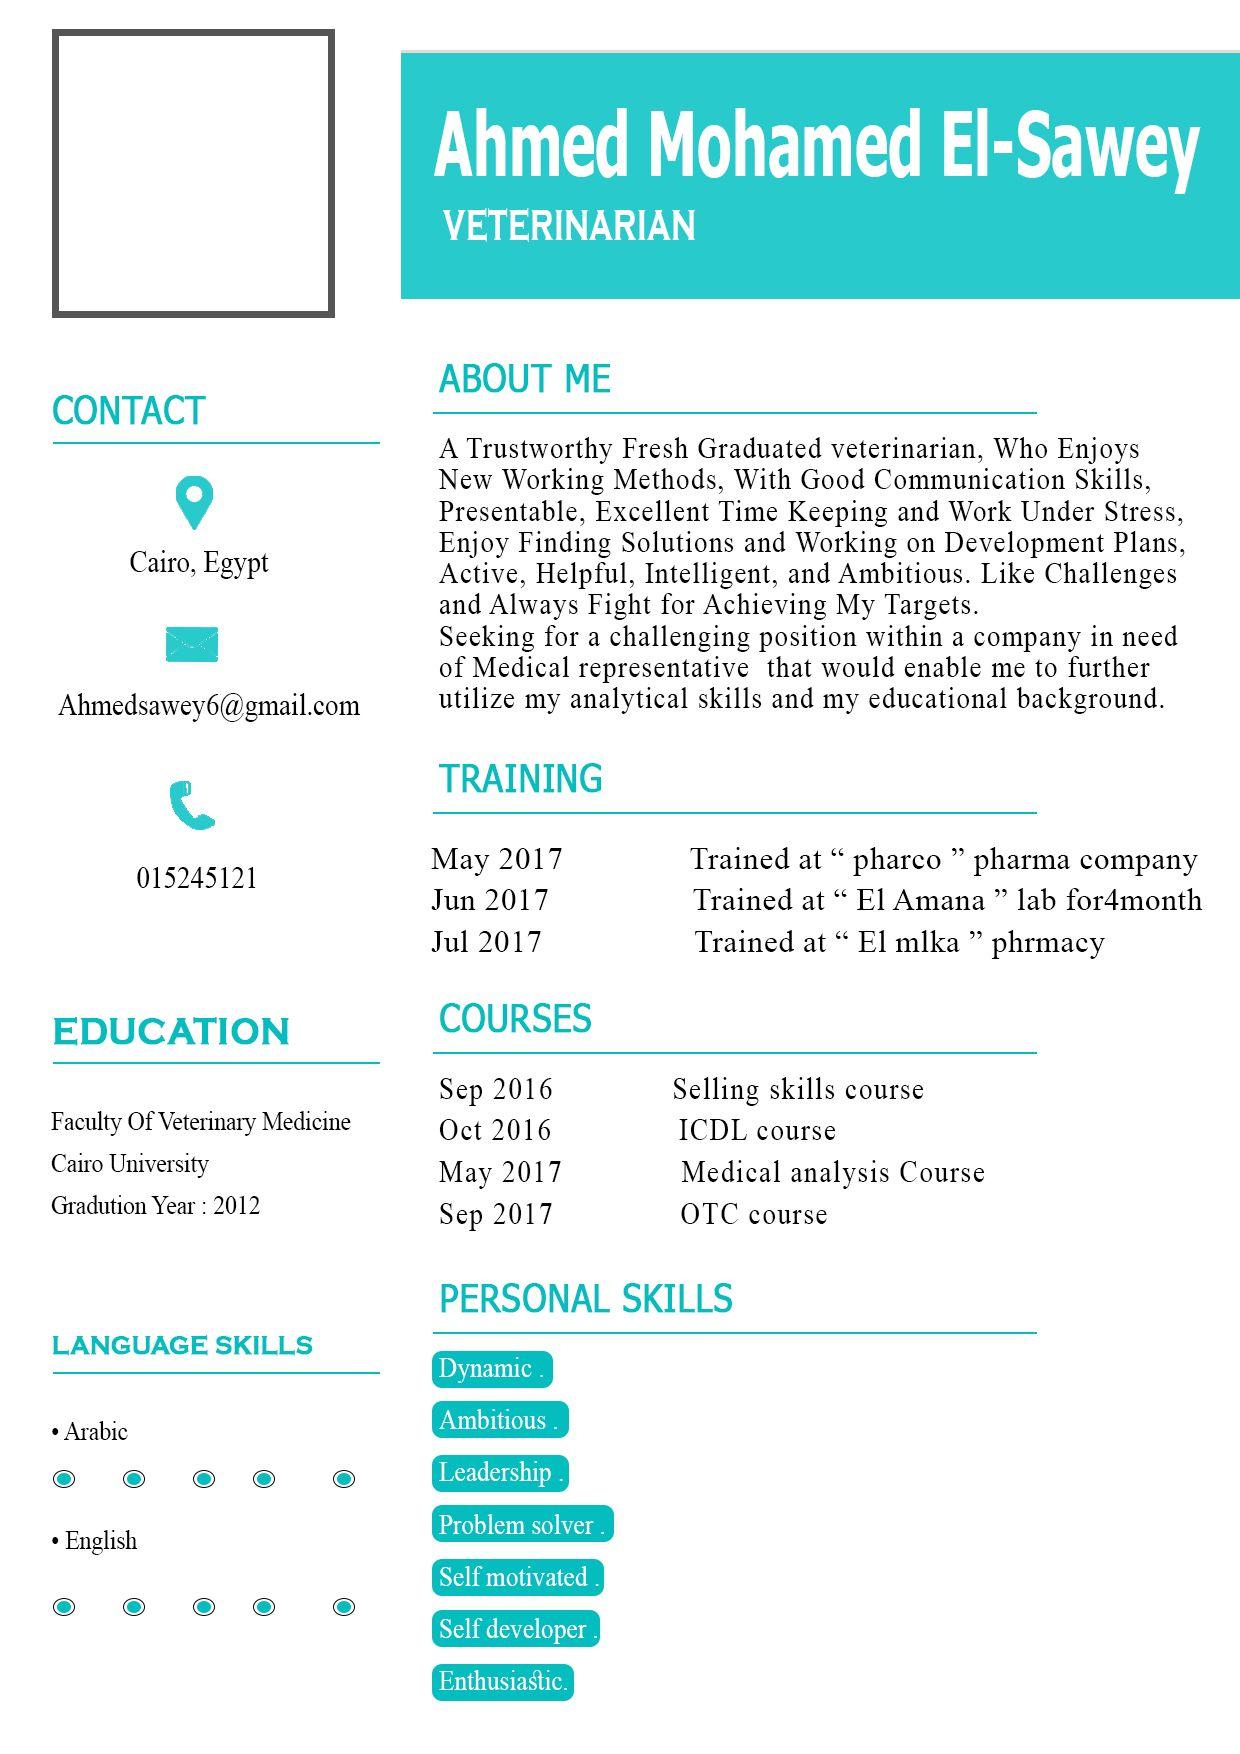 Cv design in 2020 cv maker good communication skills